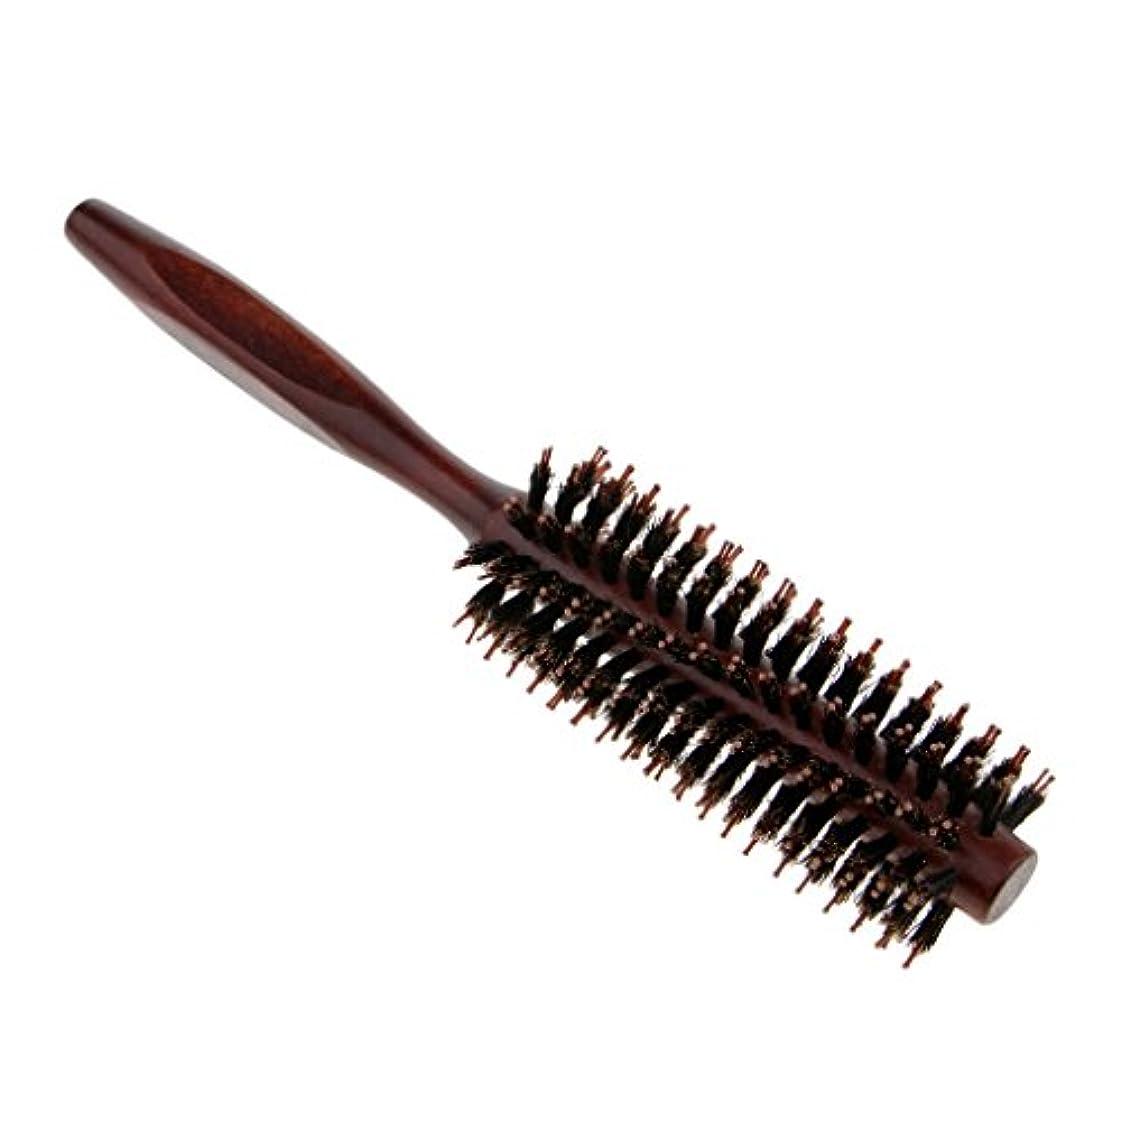 寛解飢饉オープニングラウンドヘアブラシ 木製ハンドル 丸い 櫛 自然な毛 整髪 ヘアブラシ 2タイプ選べ - #2